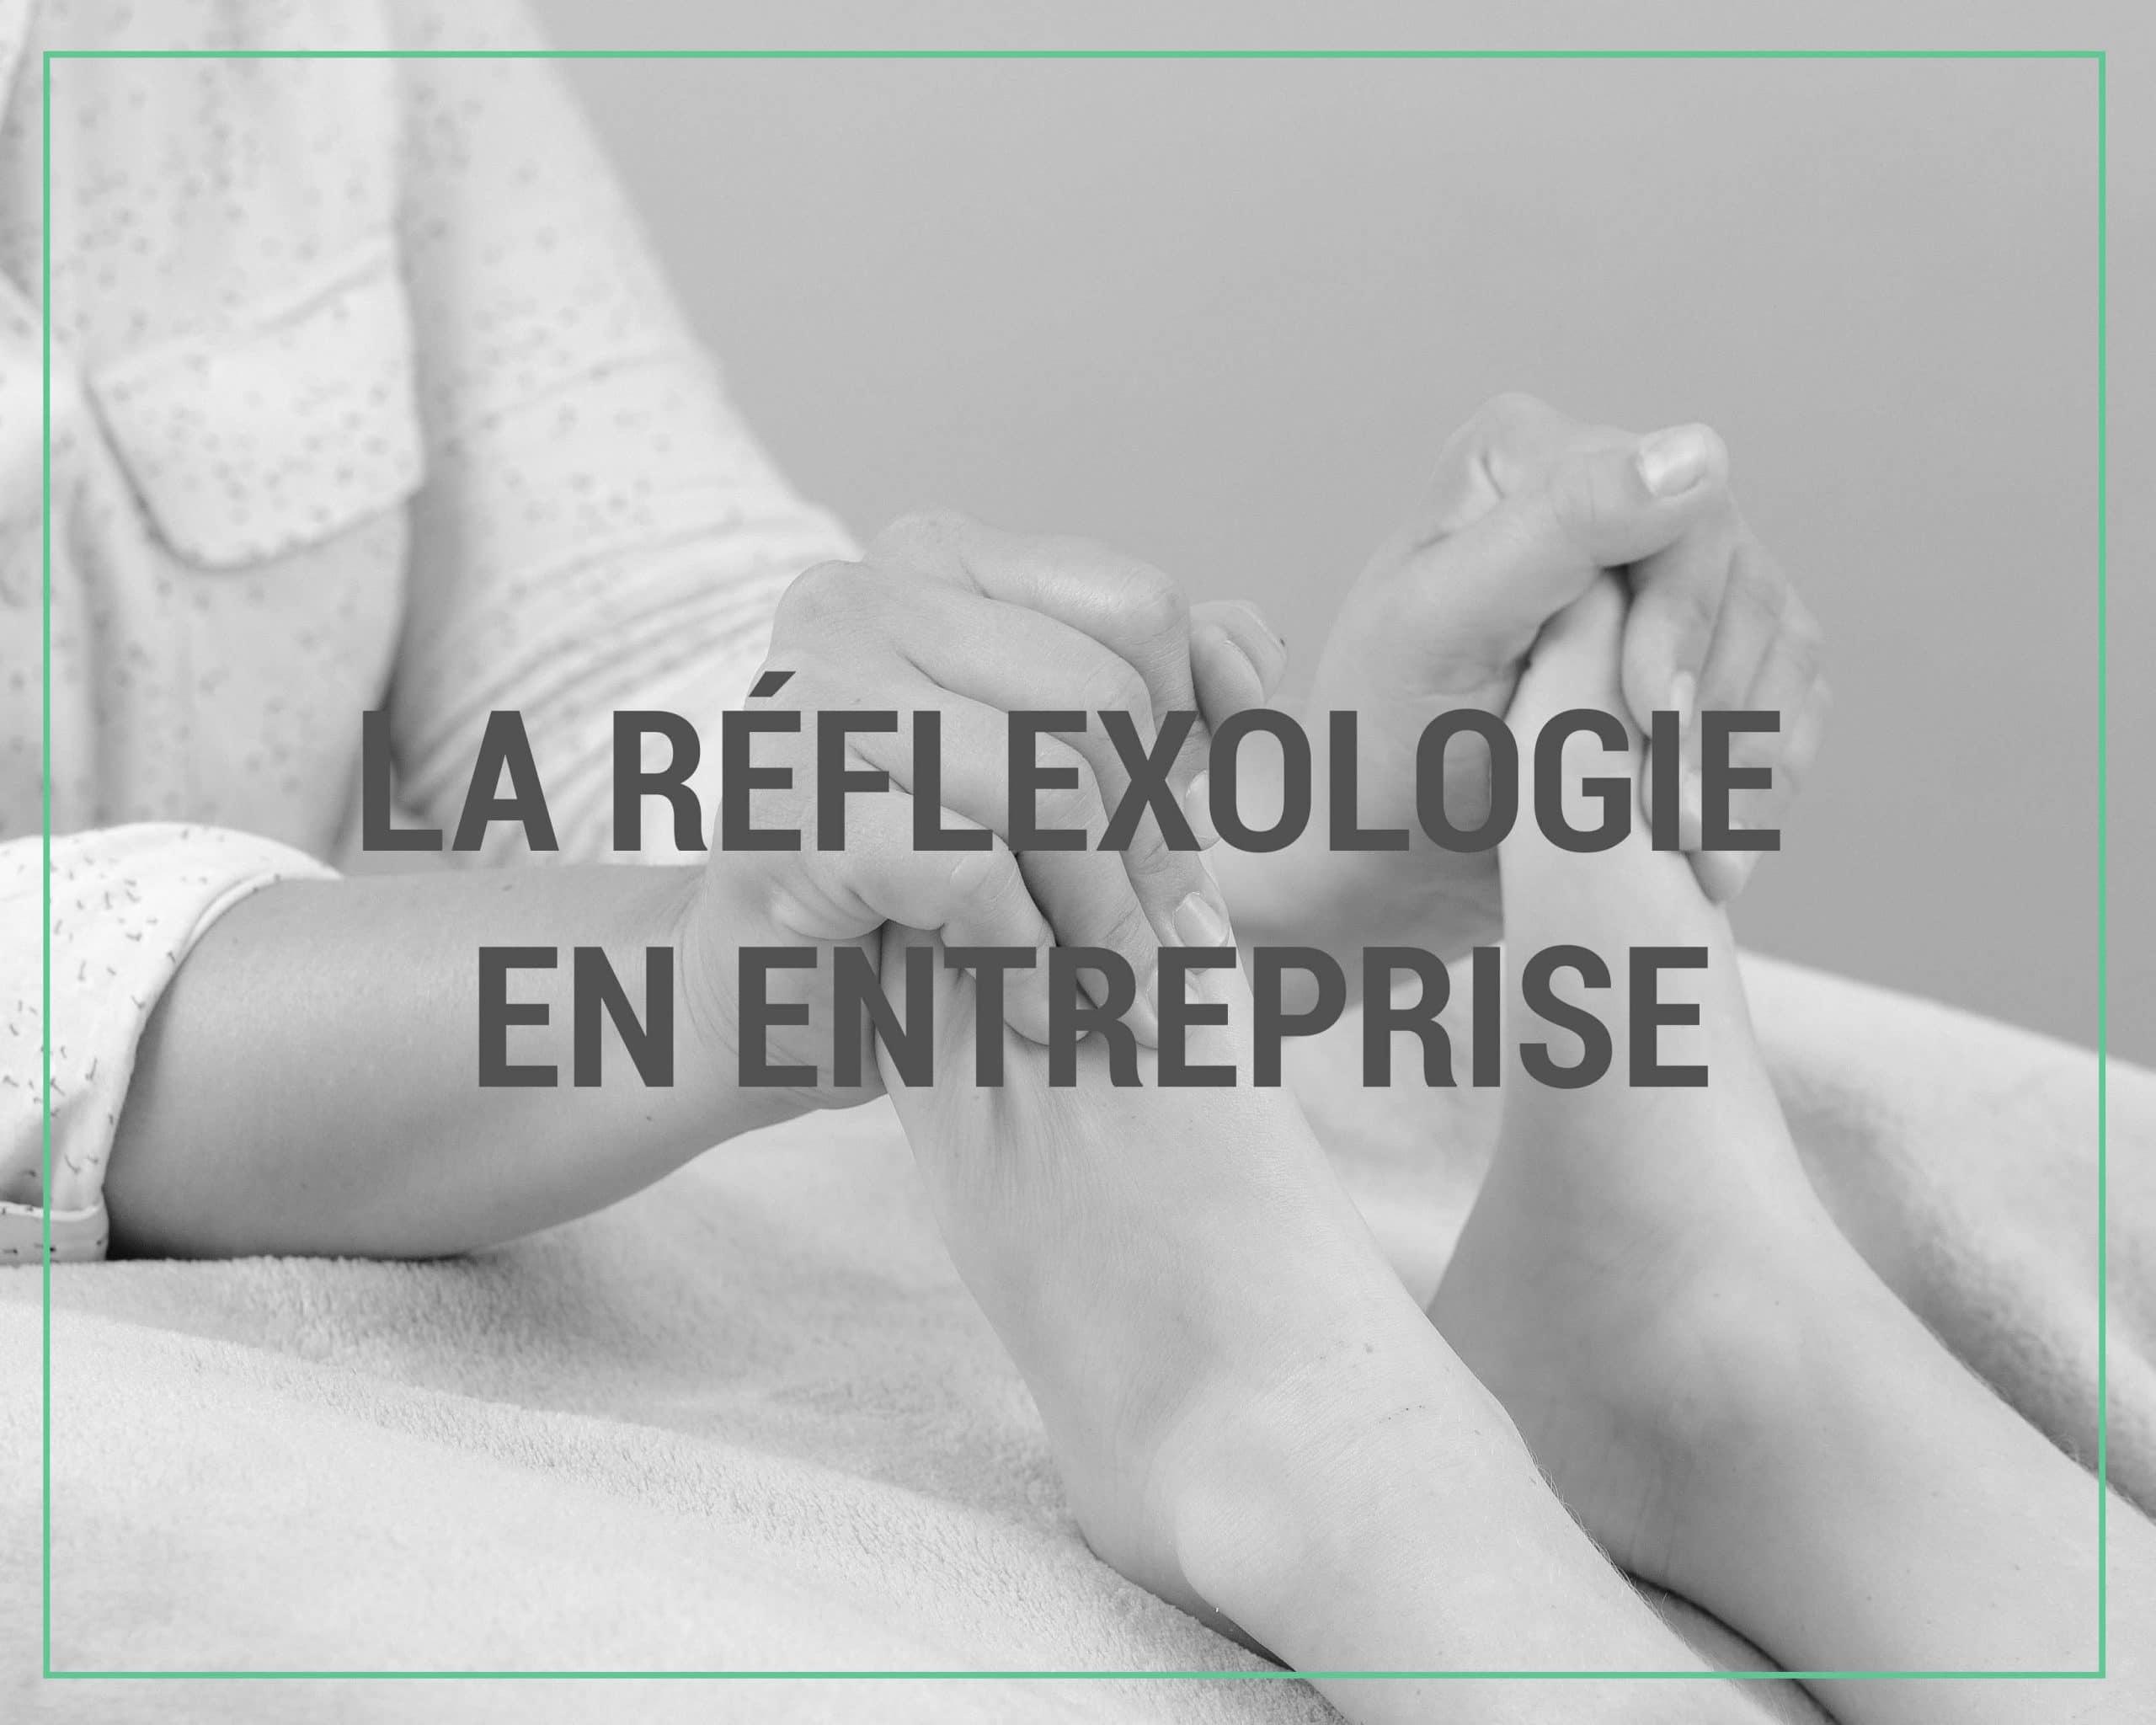 consultation réflexologie nantes, la reflexo en entreprise